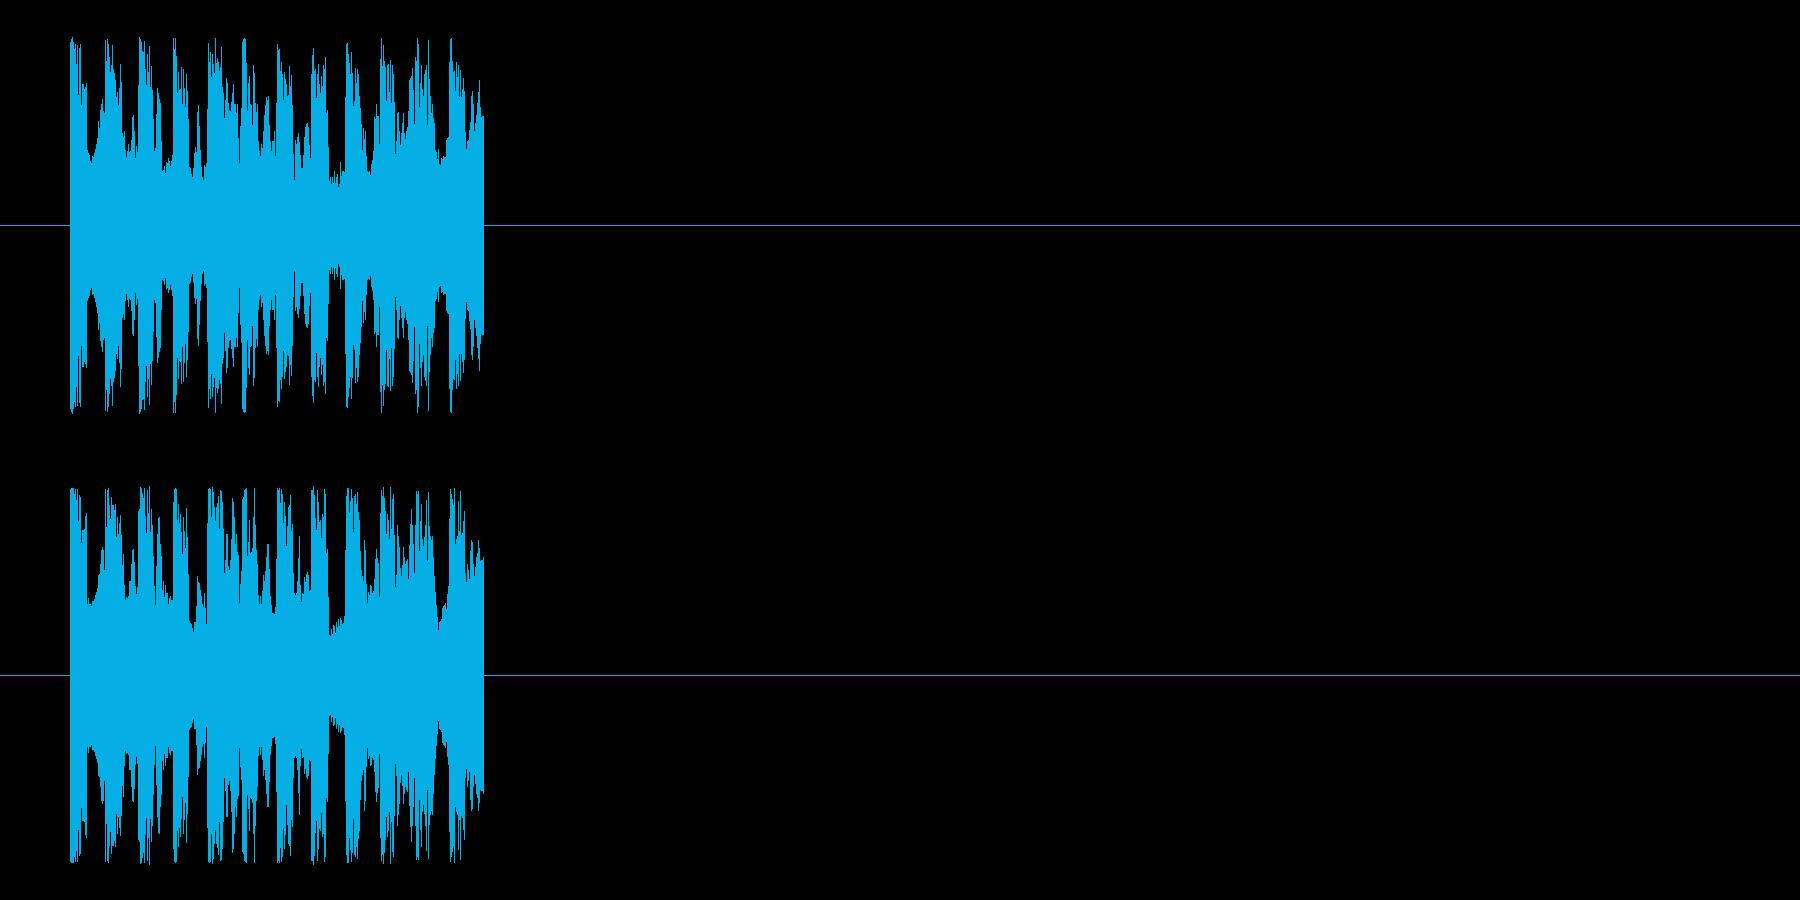 ピピピというインパクトのある不思議なロゴの再生済みの波形